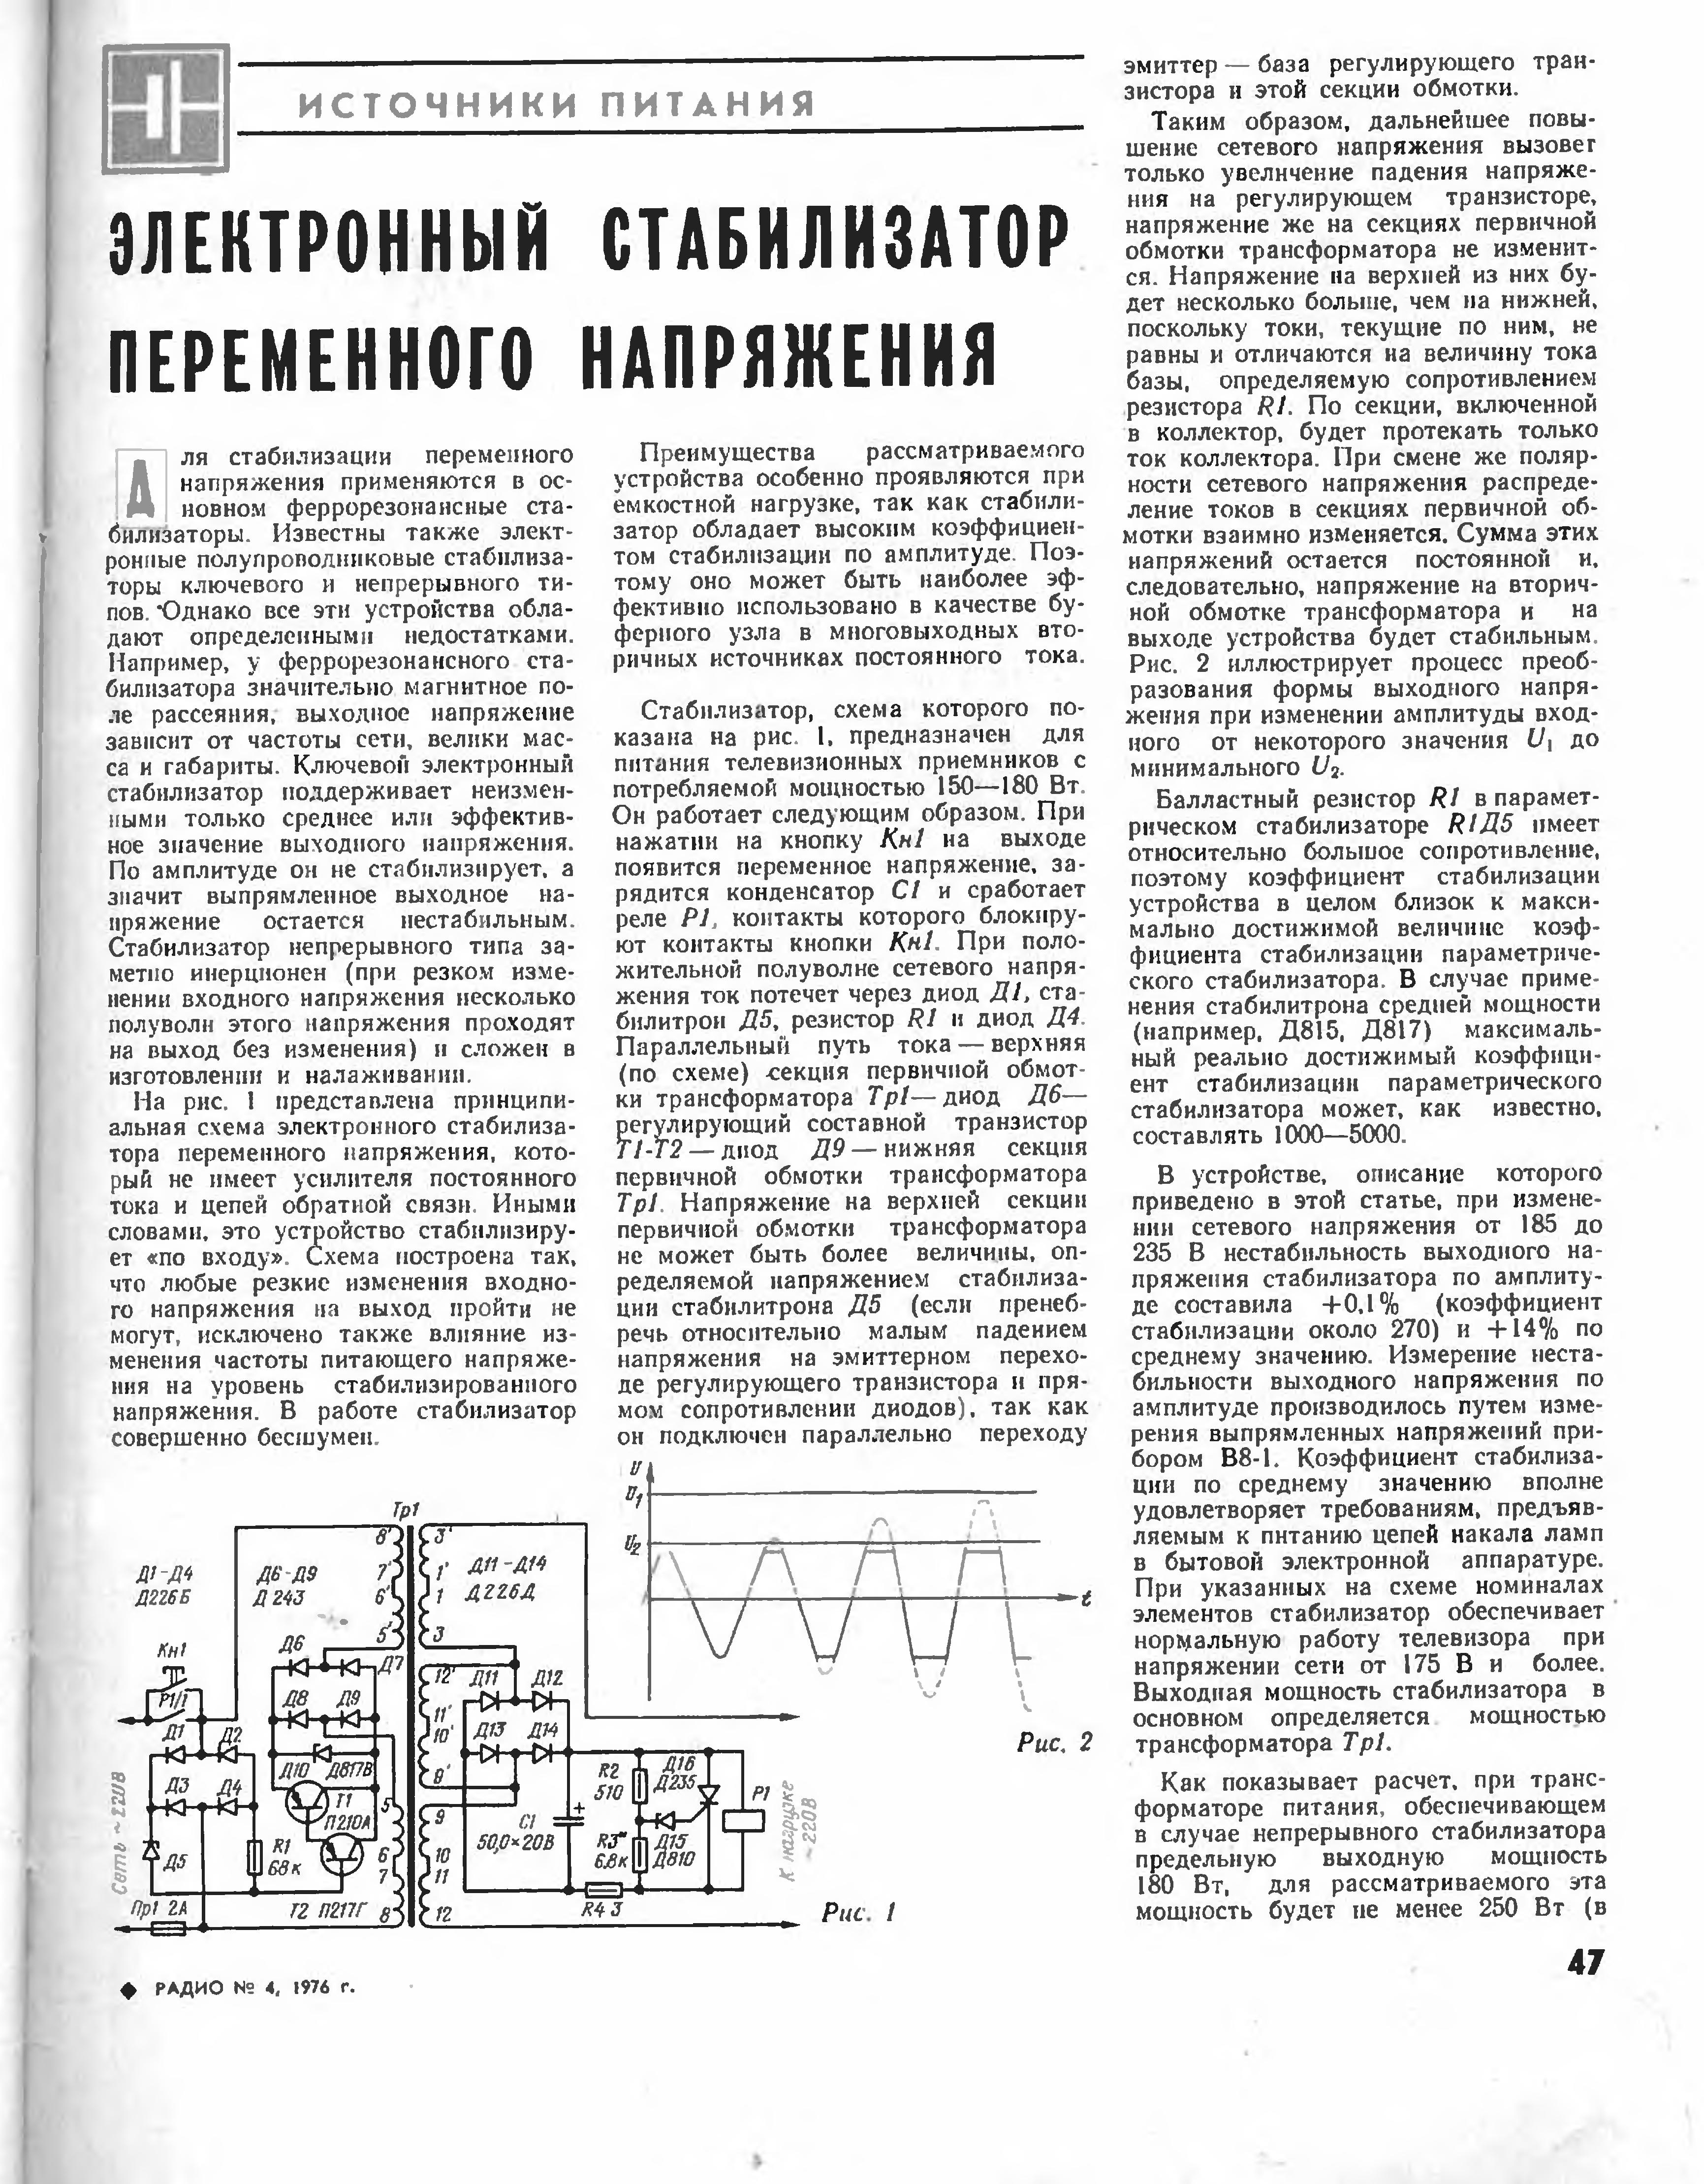 Схемы и пошаговая инструкция, как сделать автотрансформатор своими руками